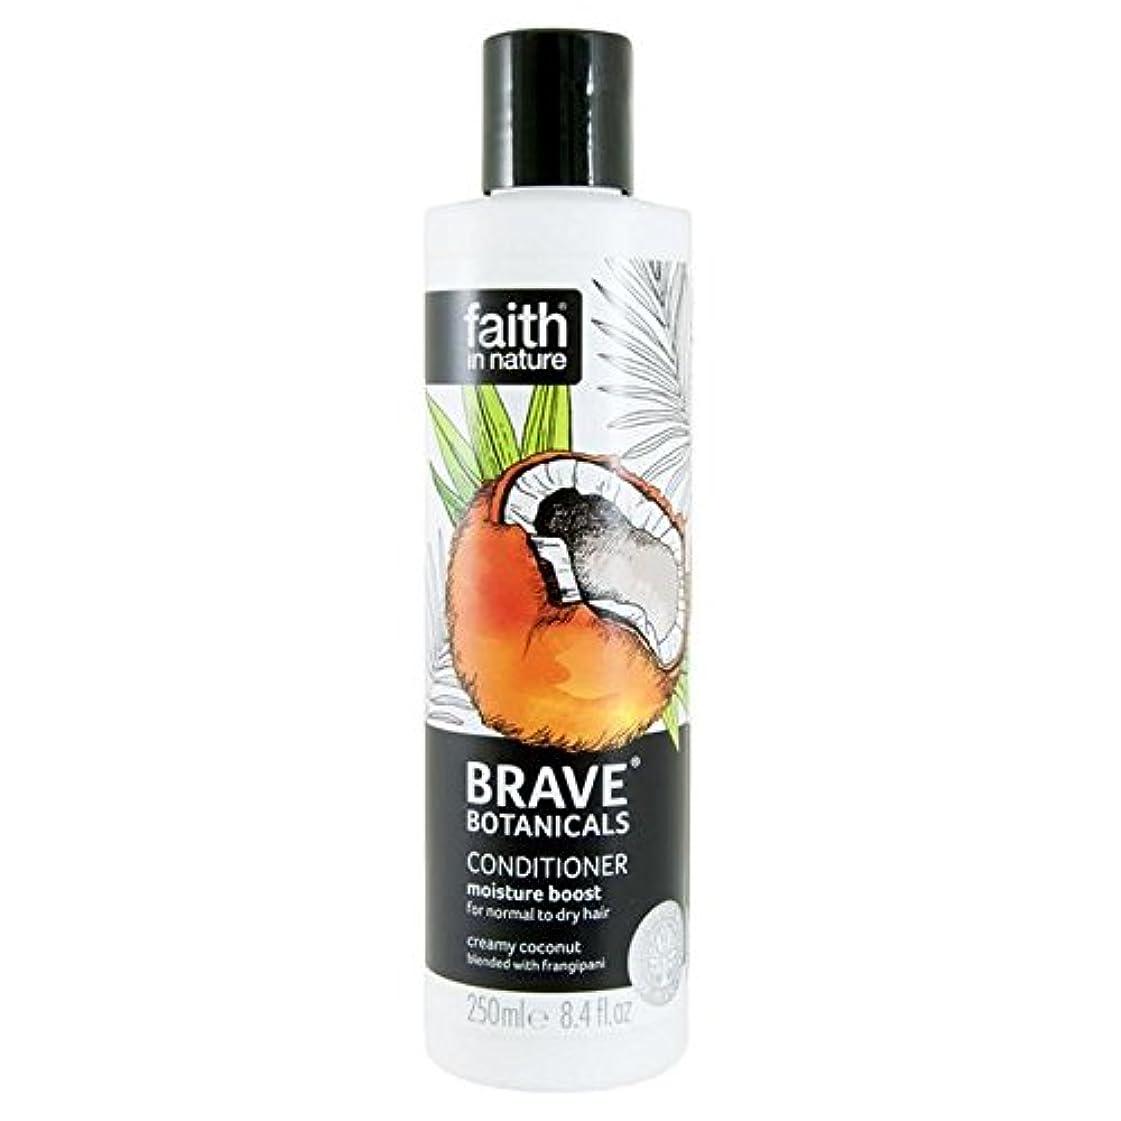 海外で監査暗殺Brave Botanicals Coconut & Frangipani Moisture Boost Conditioner 250ml (Pack of 4) - (Faith In Nature) 勇敢な植物ココナッツ...